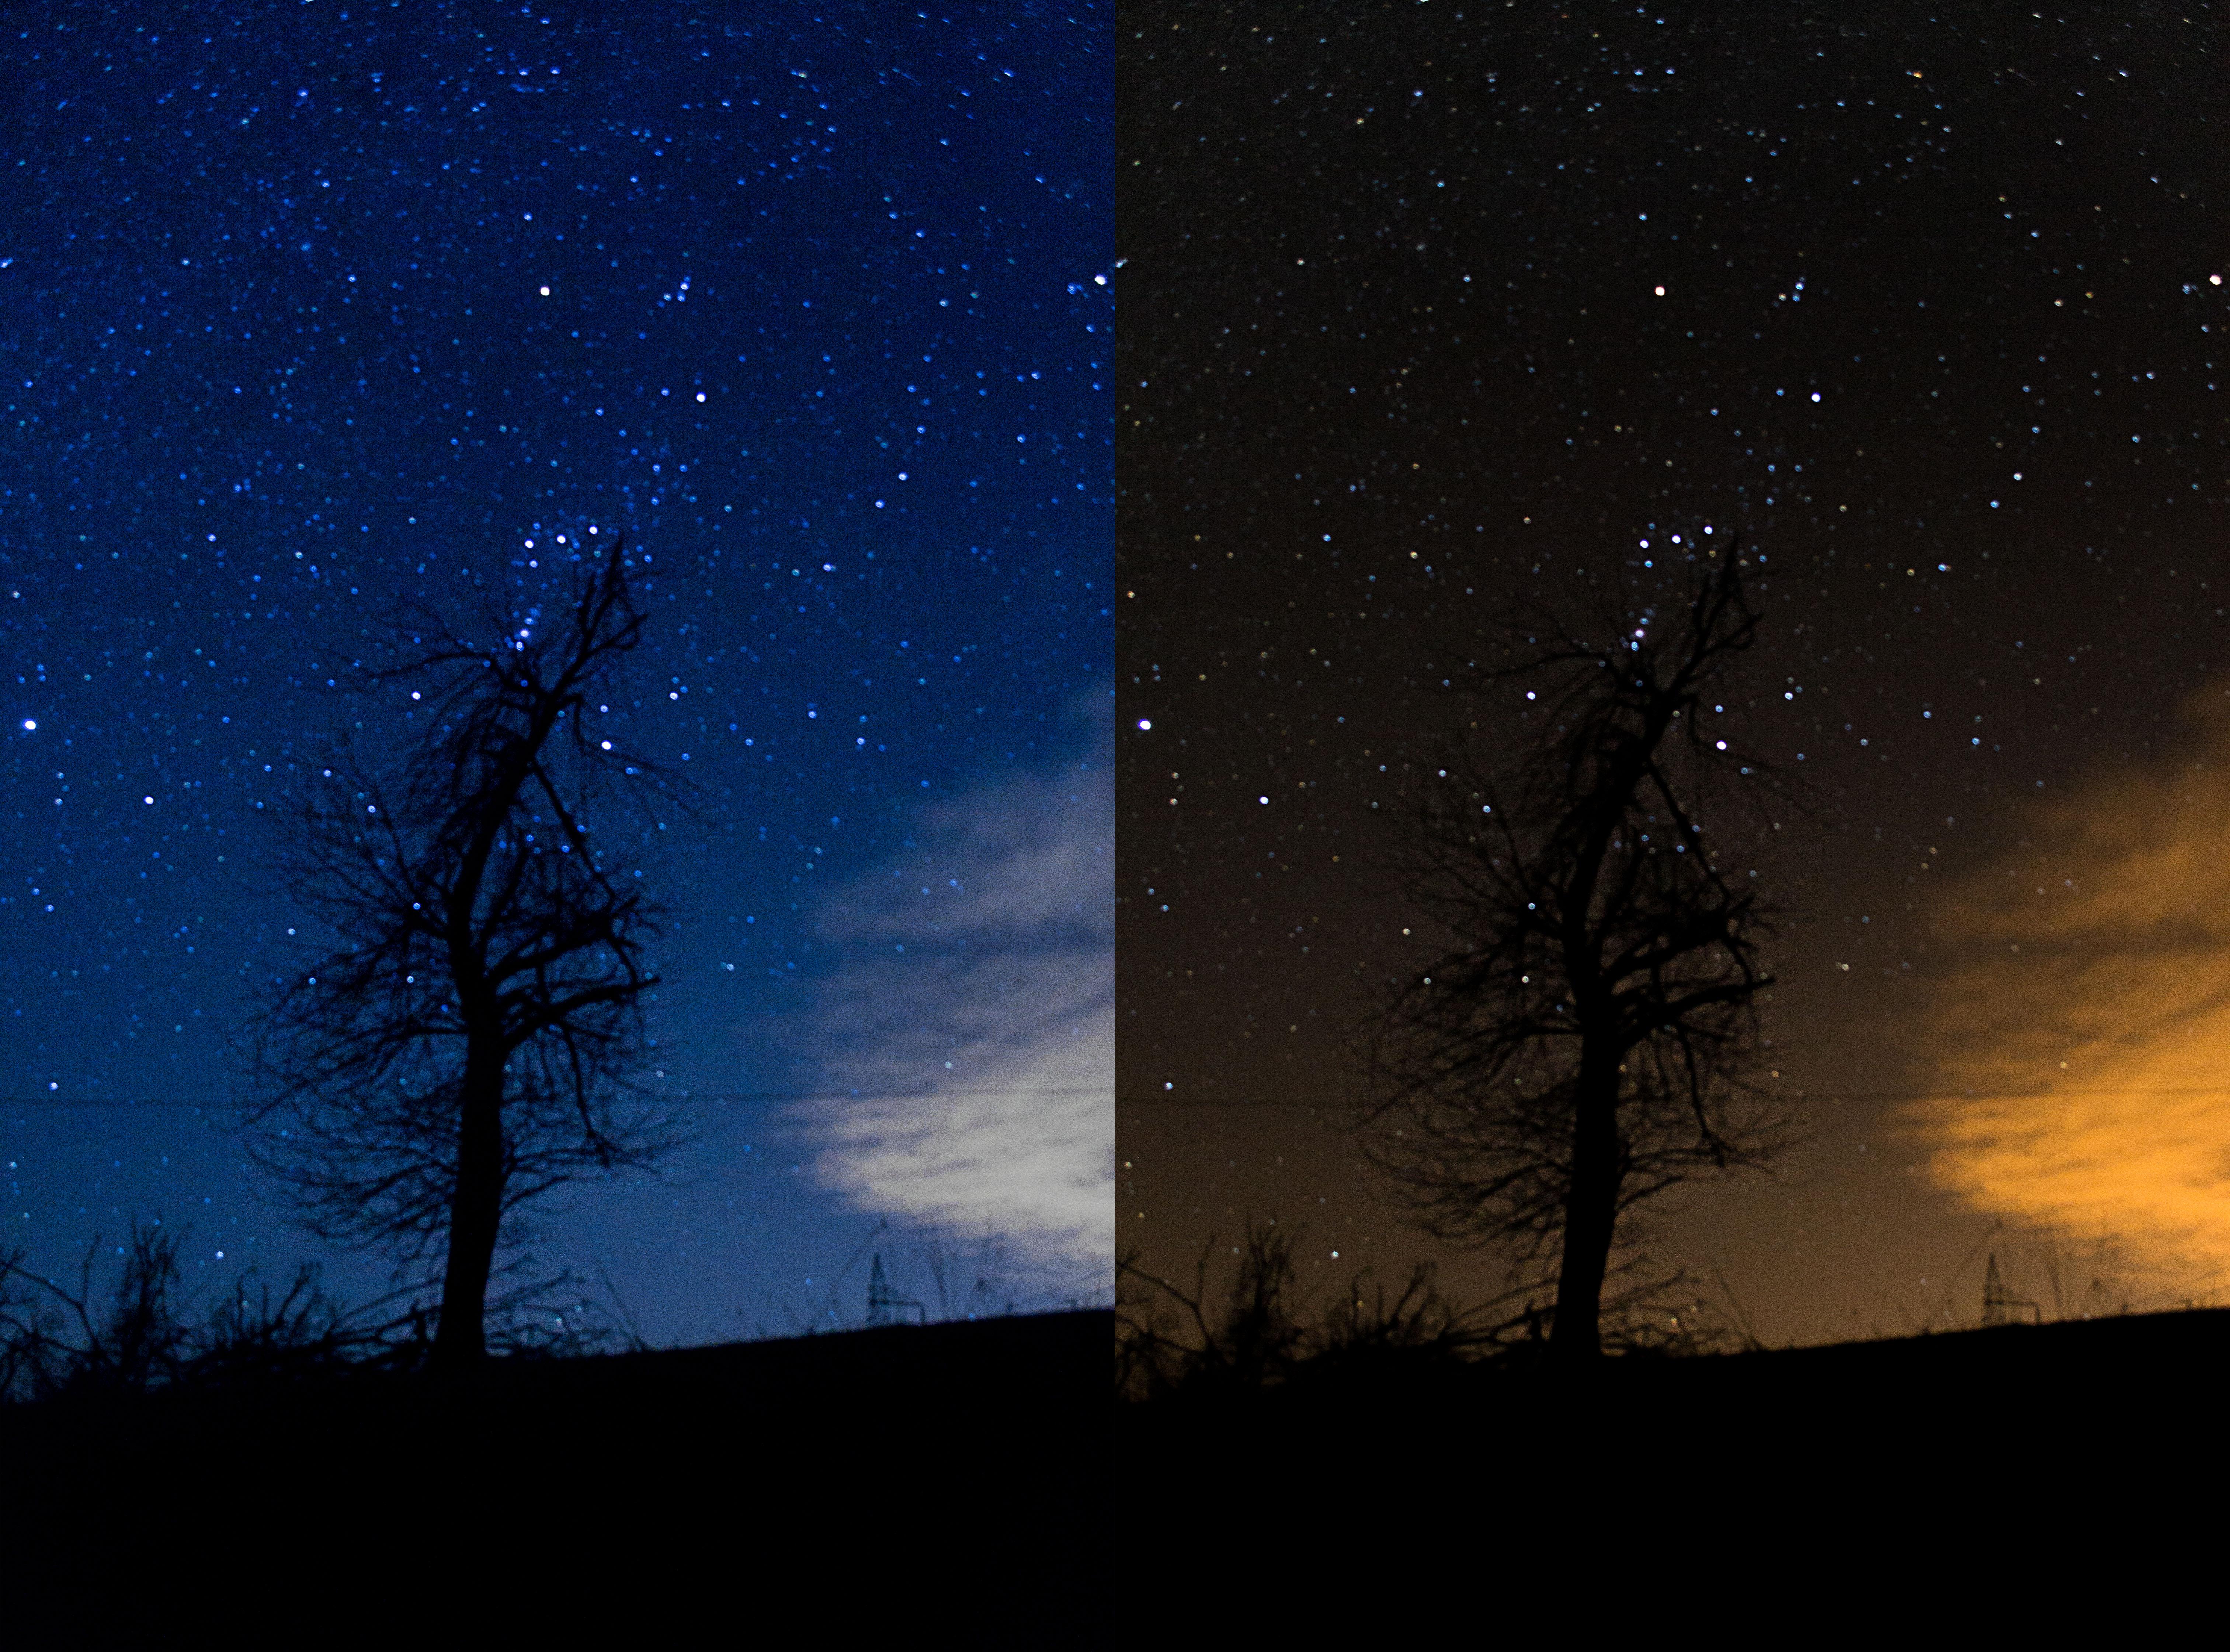 программы для обработки фотографий звездного неба шевинивы гораздо